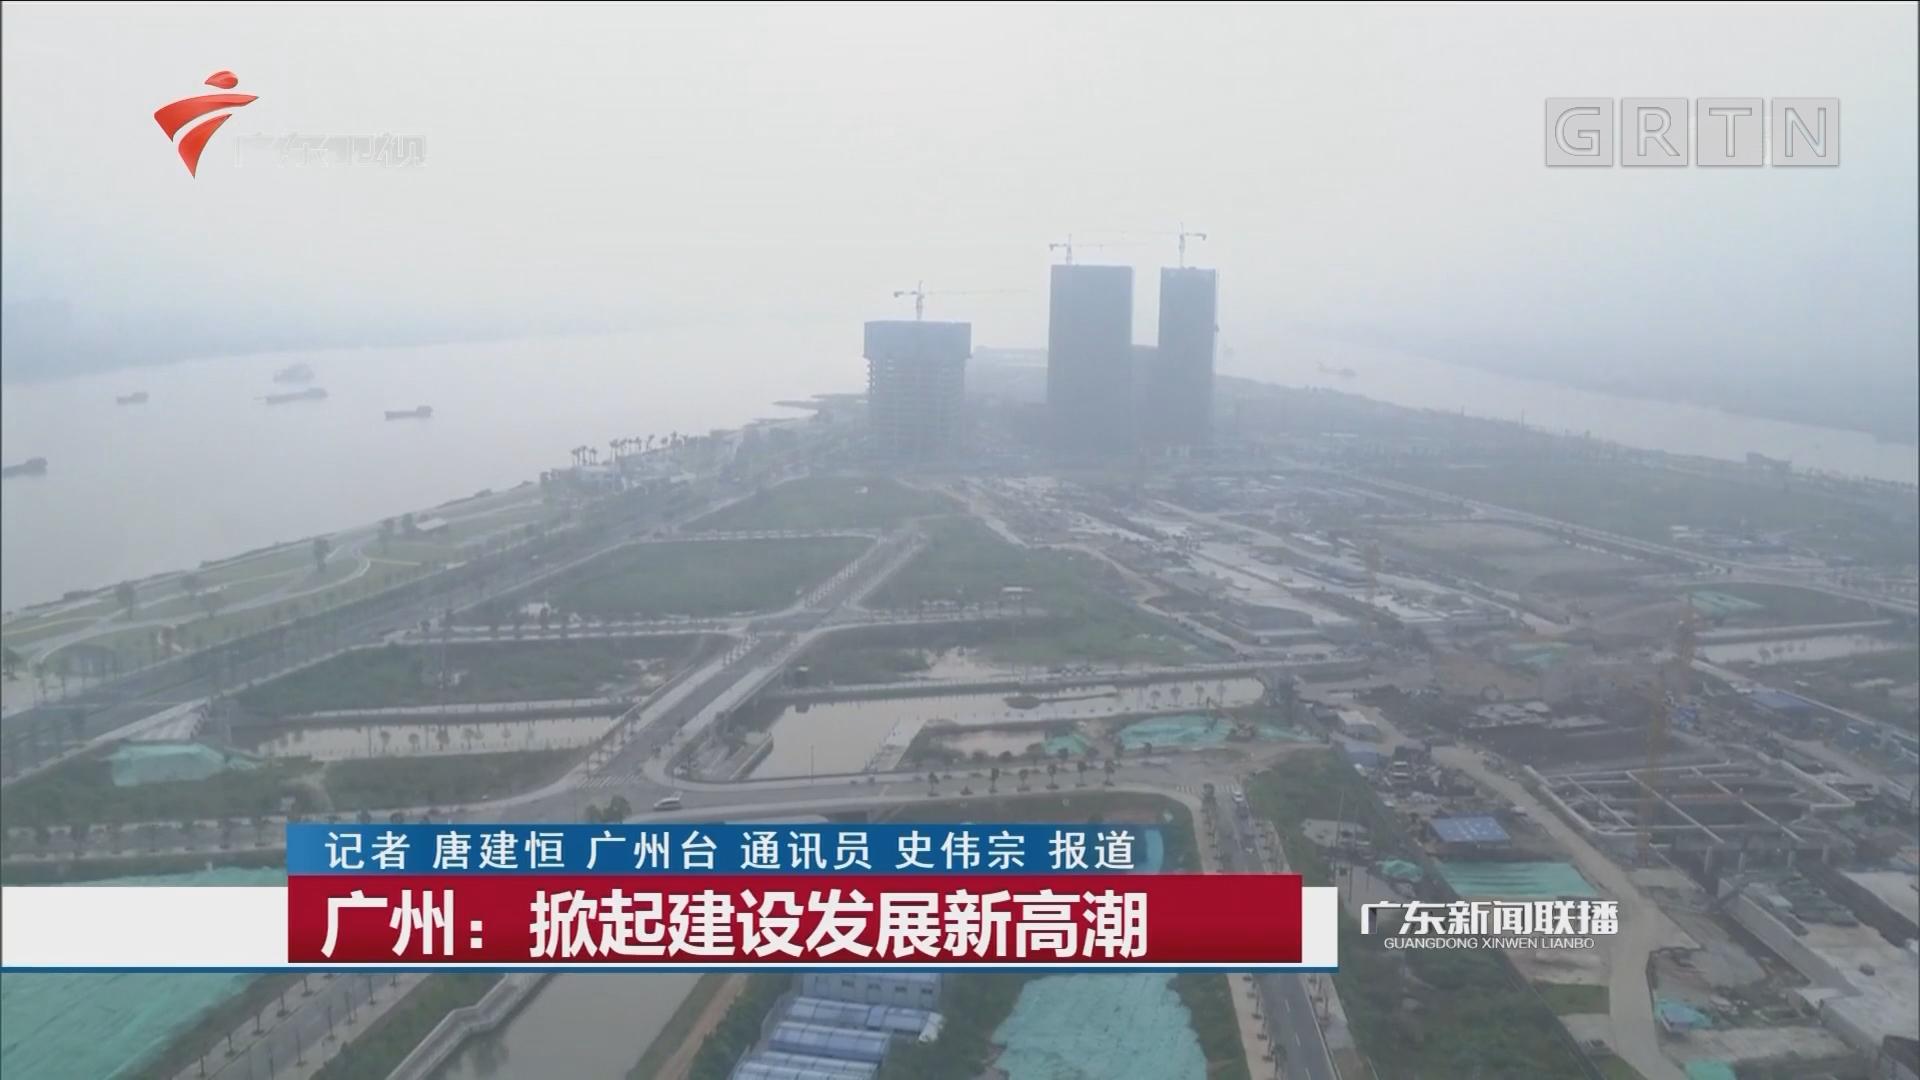 广州:掀起建设发展新高潮